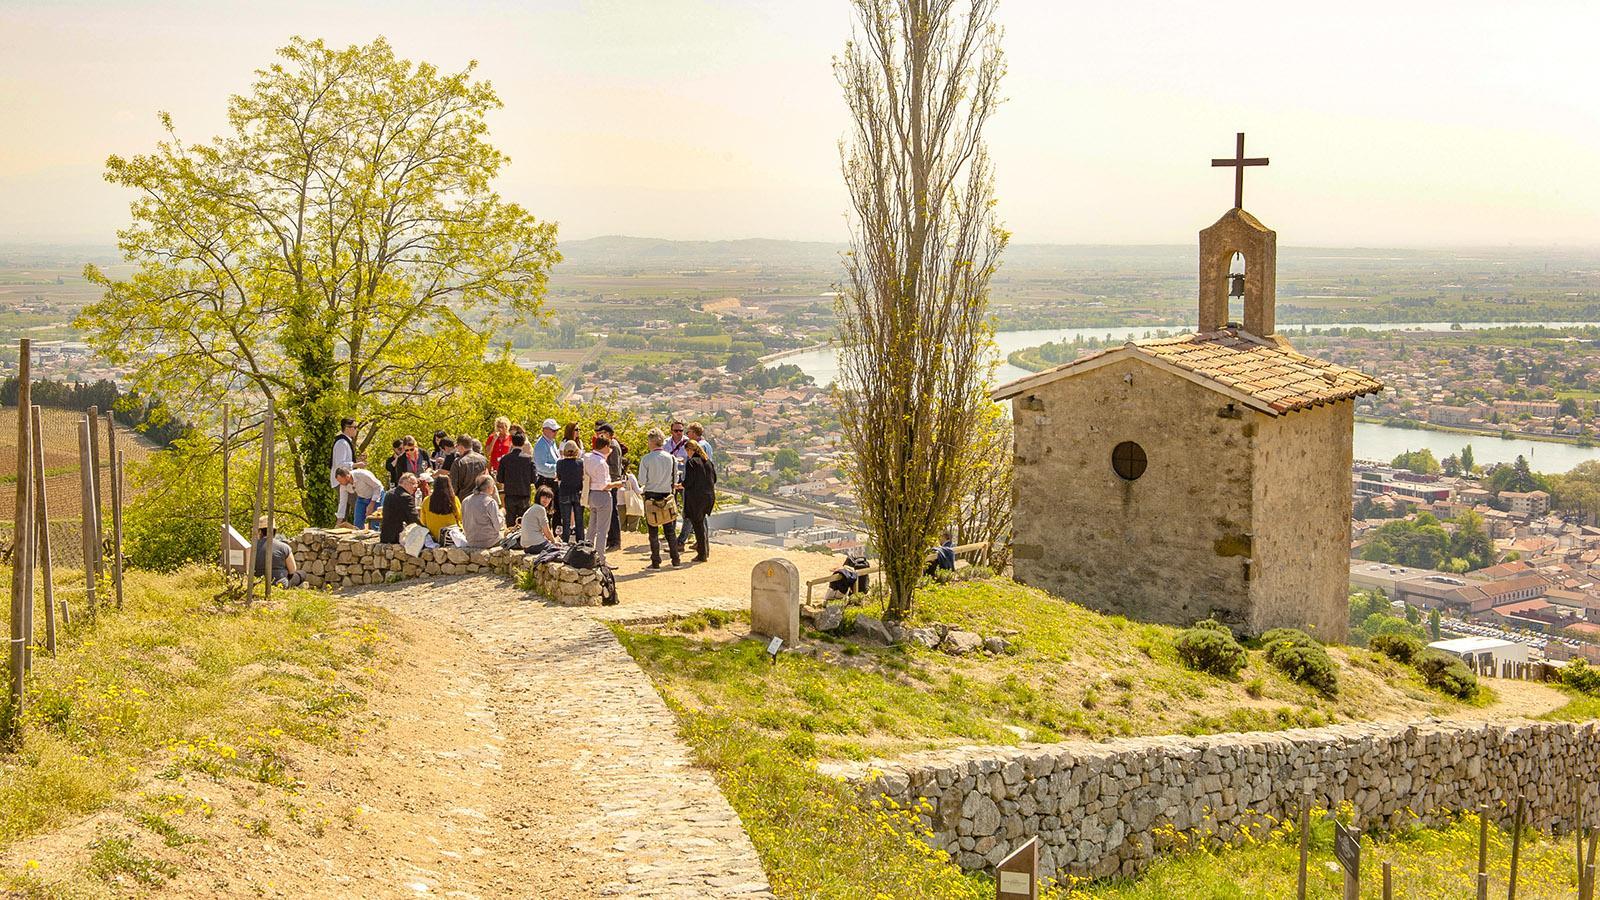 Die Kapelle in den Weinbergen von Tain-l'Hermitage. Foto: Hilke Maunder